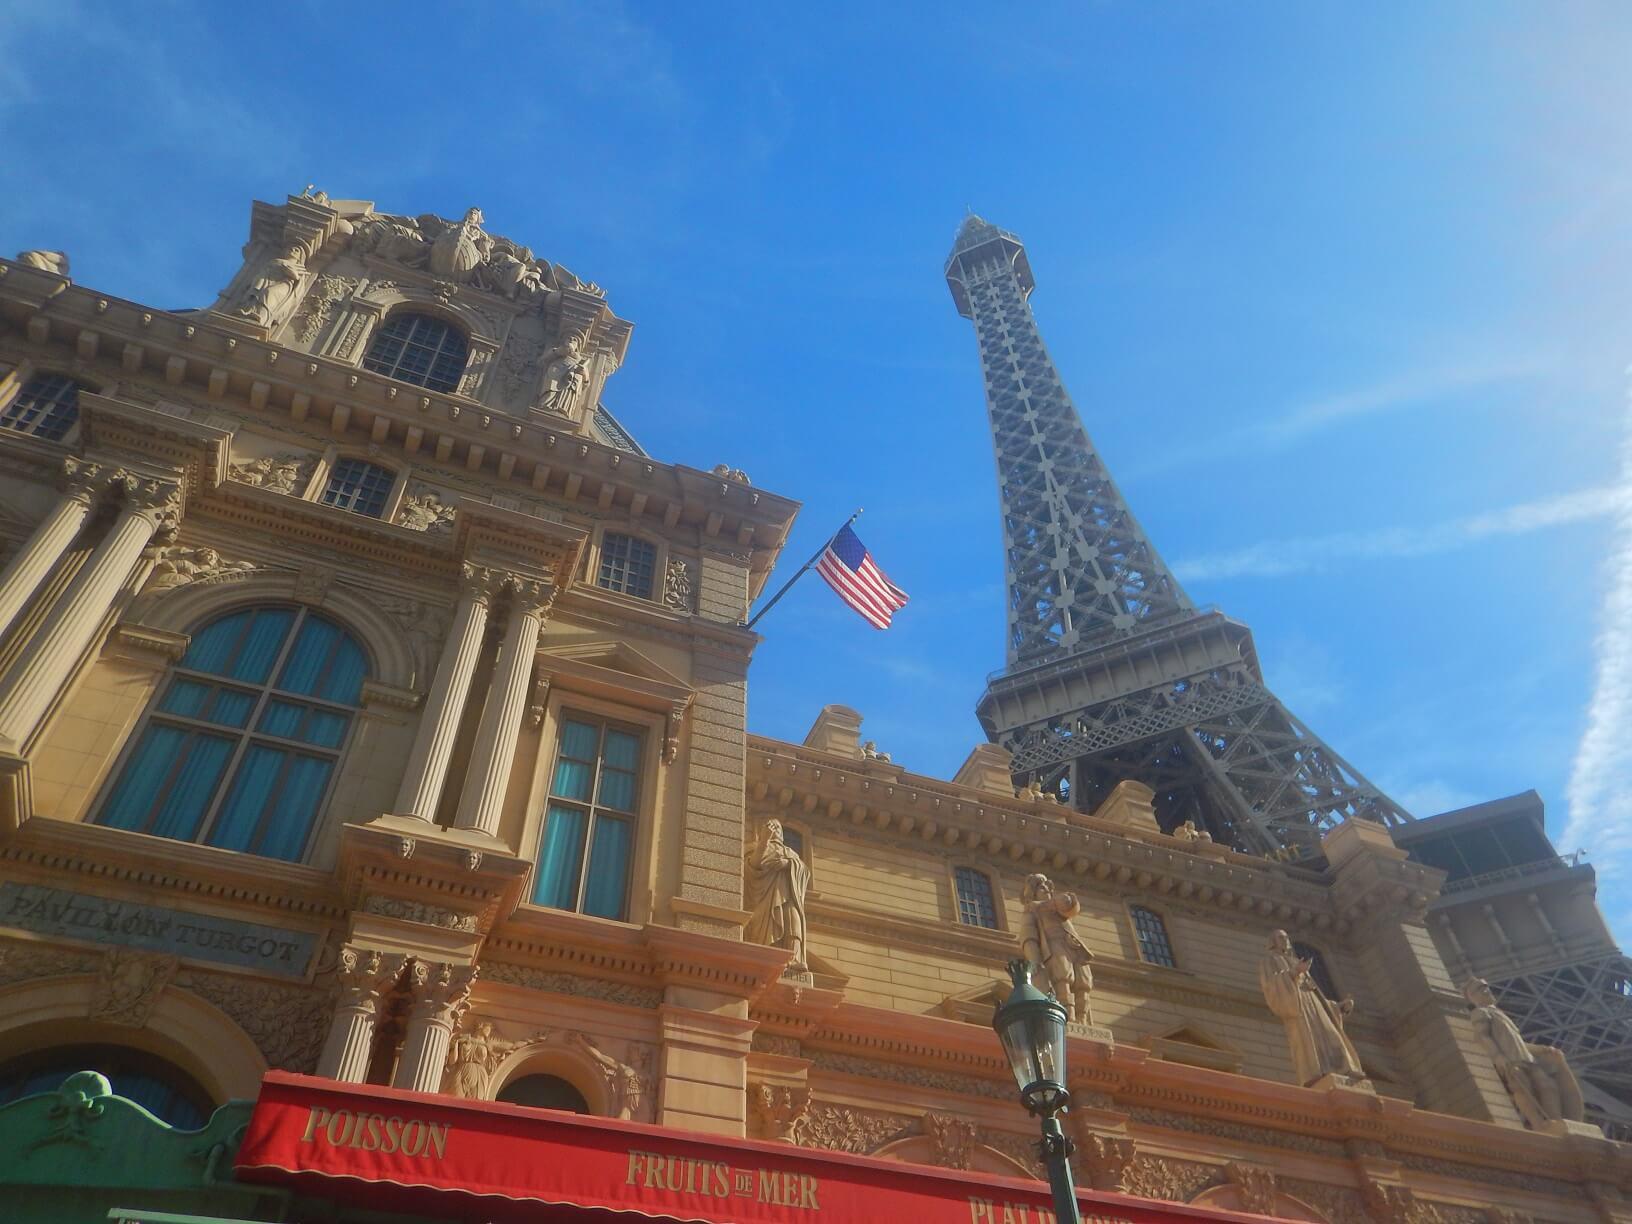 パリをテーマにしたホテル